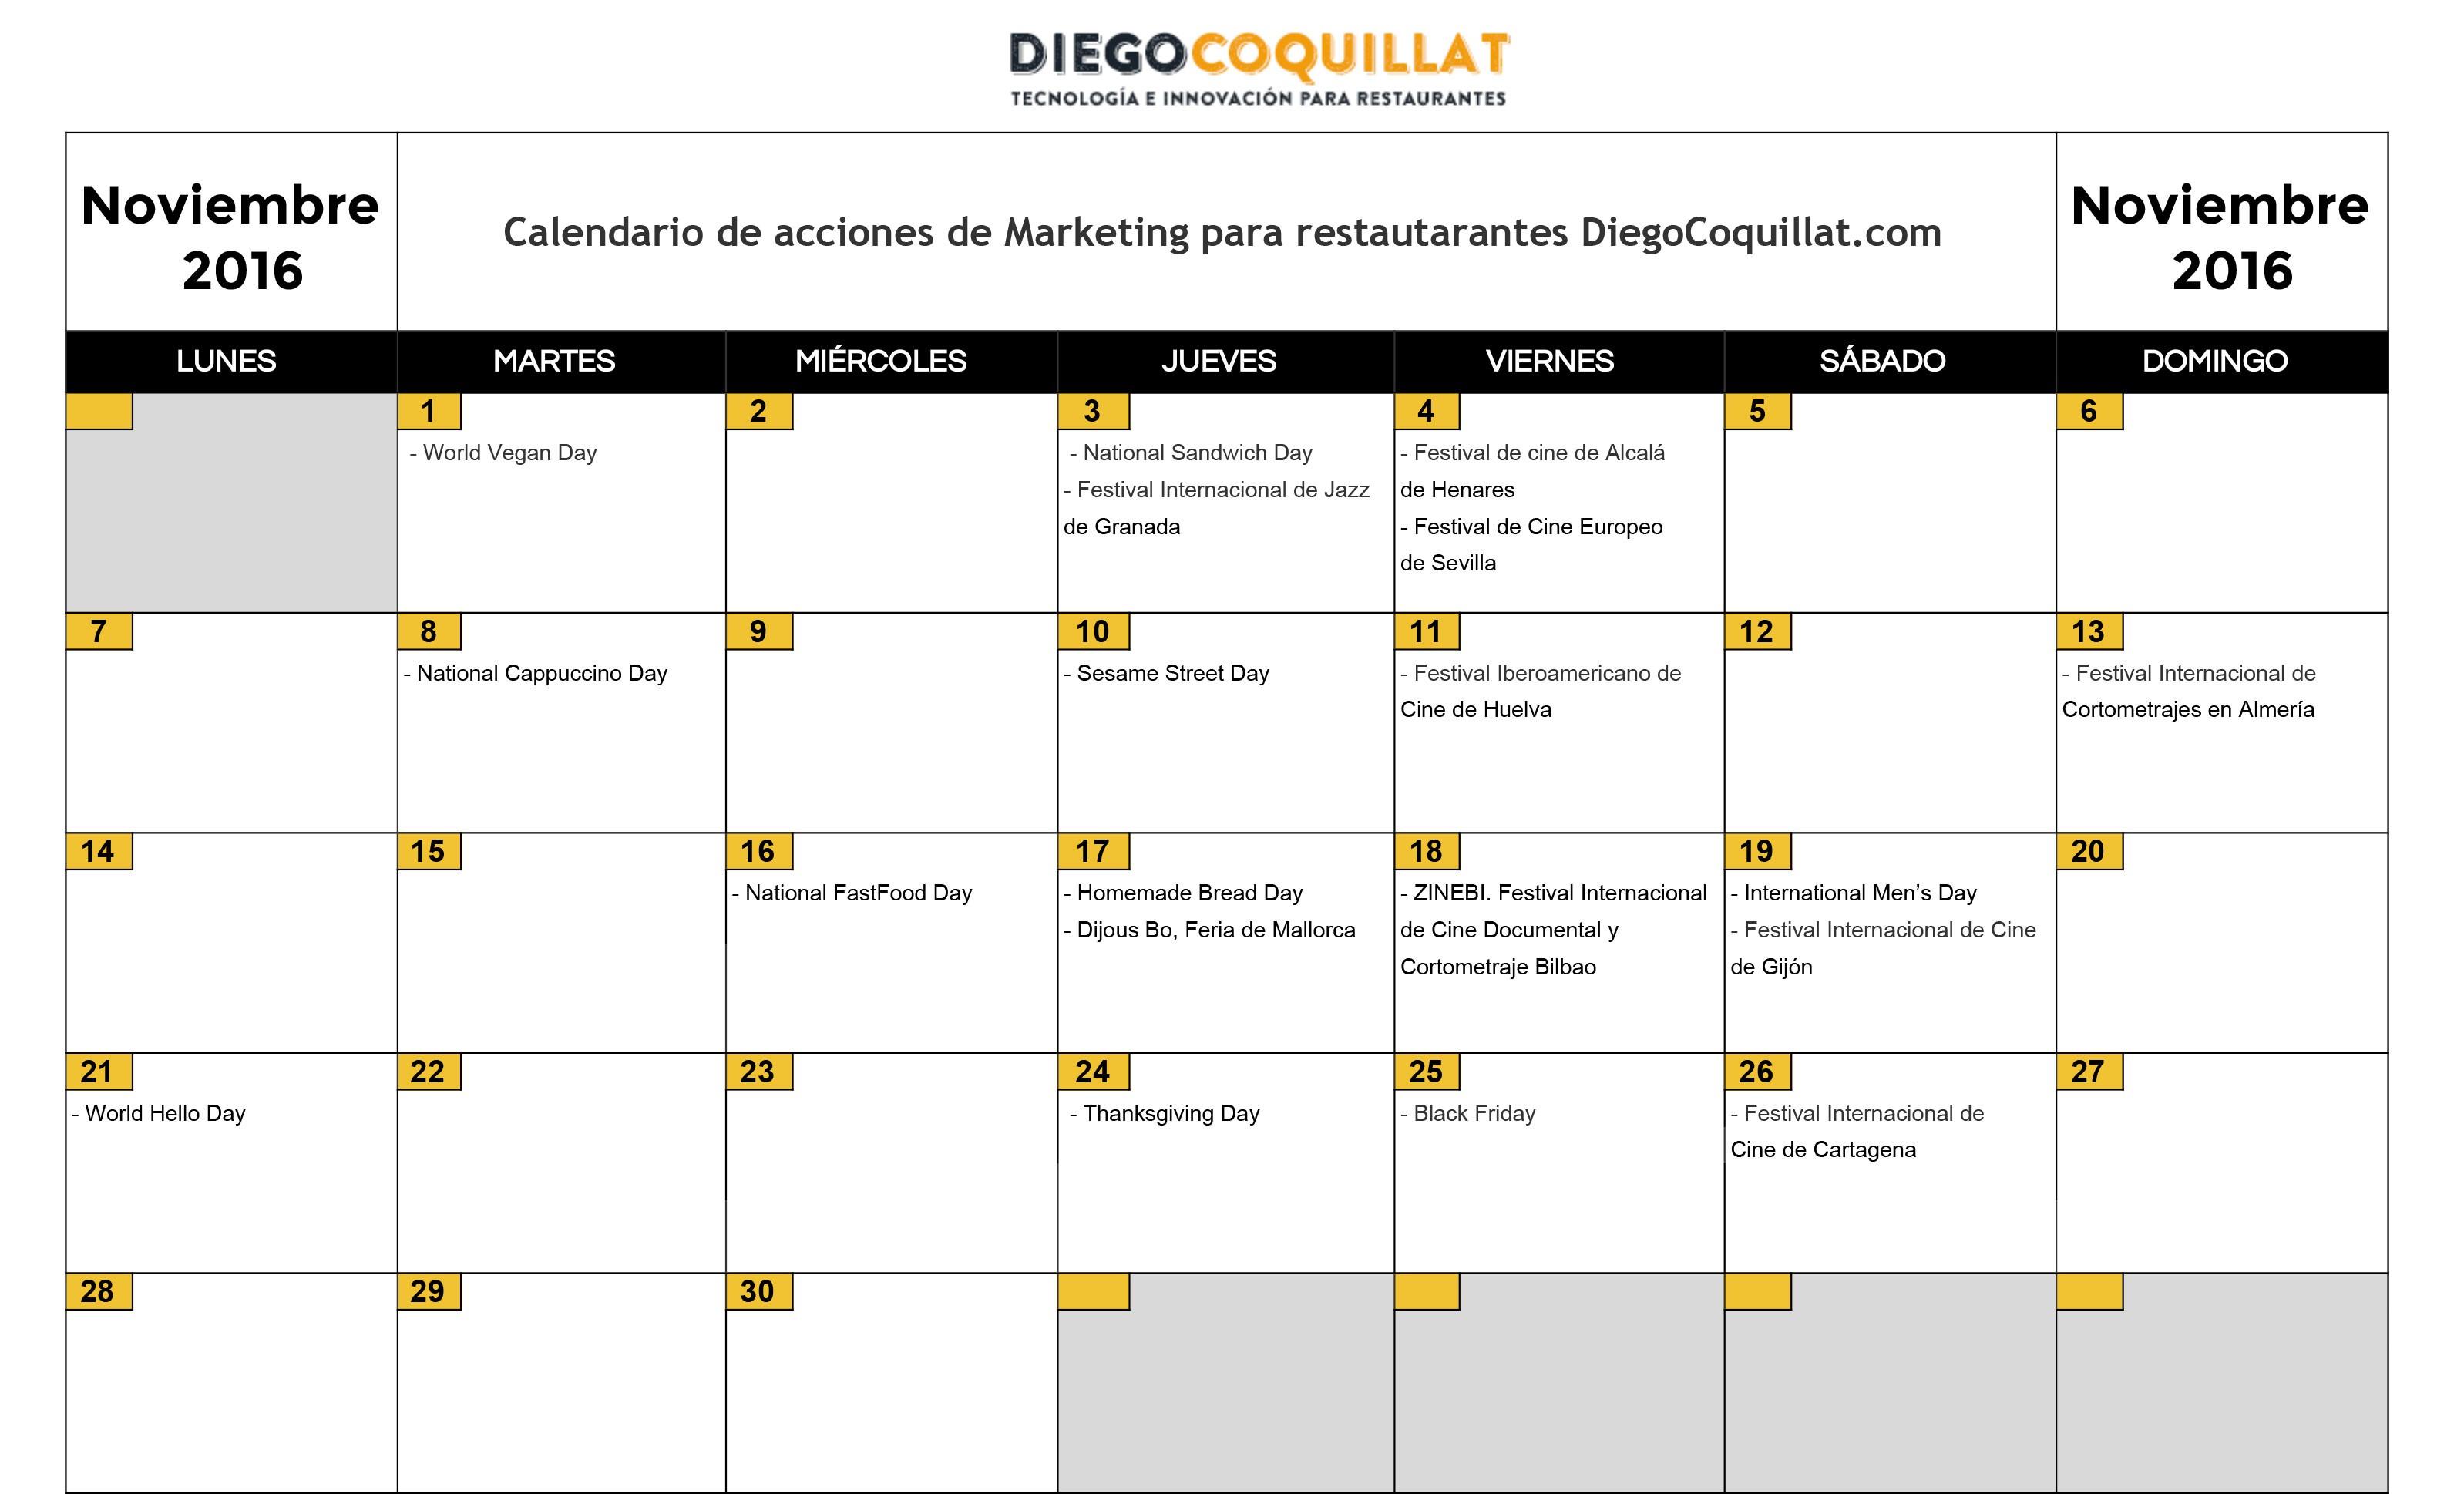 Noviembre 2016 Calendario de acciones de marketing para restaurantes